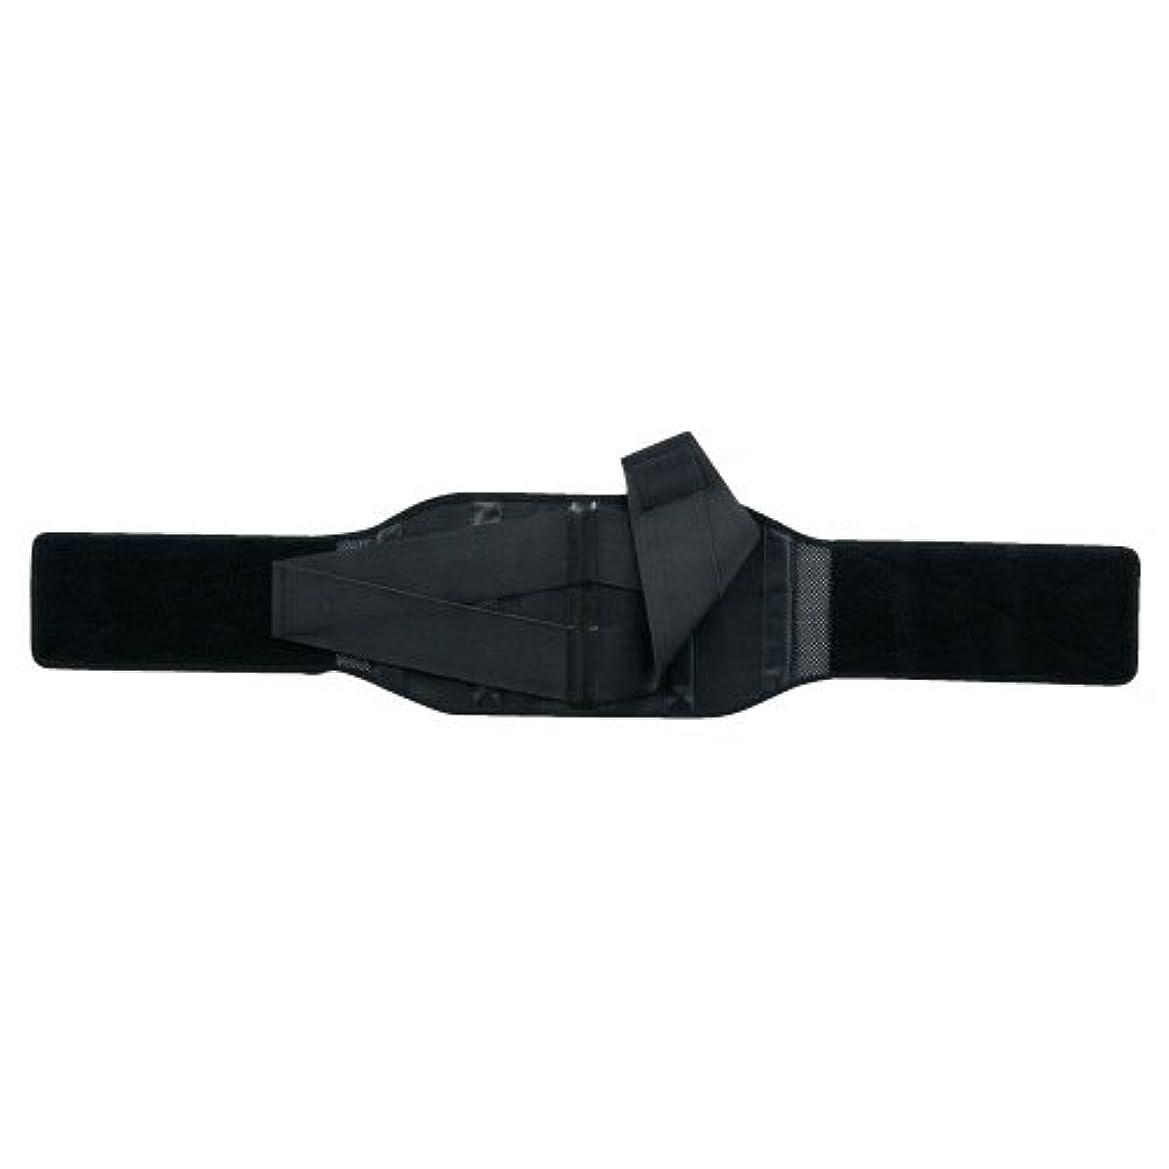 睡眠きらめくピンクランバック ブラック LL 033995 腰部固定帯 竹虎メディカル